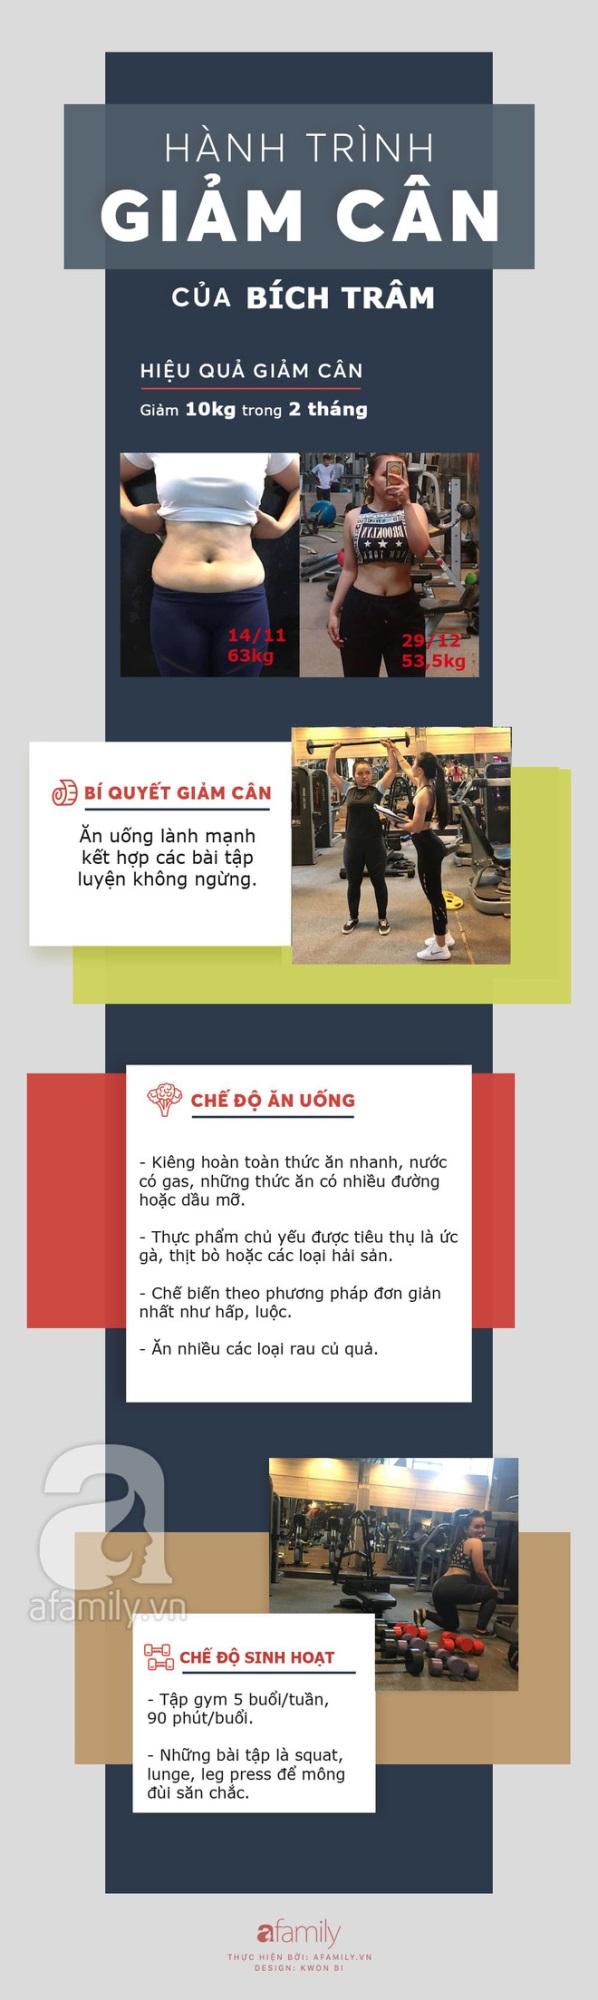 Giảm 10kg chỉ sau 2 tháng tập gym theo hướng dẫn của huấn luyện viên, cô gái trẻ sở hữu thân hình nuột nà, tự tin đón Tết - Ảnh 8